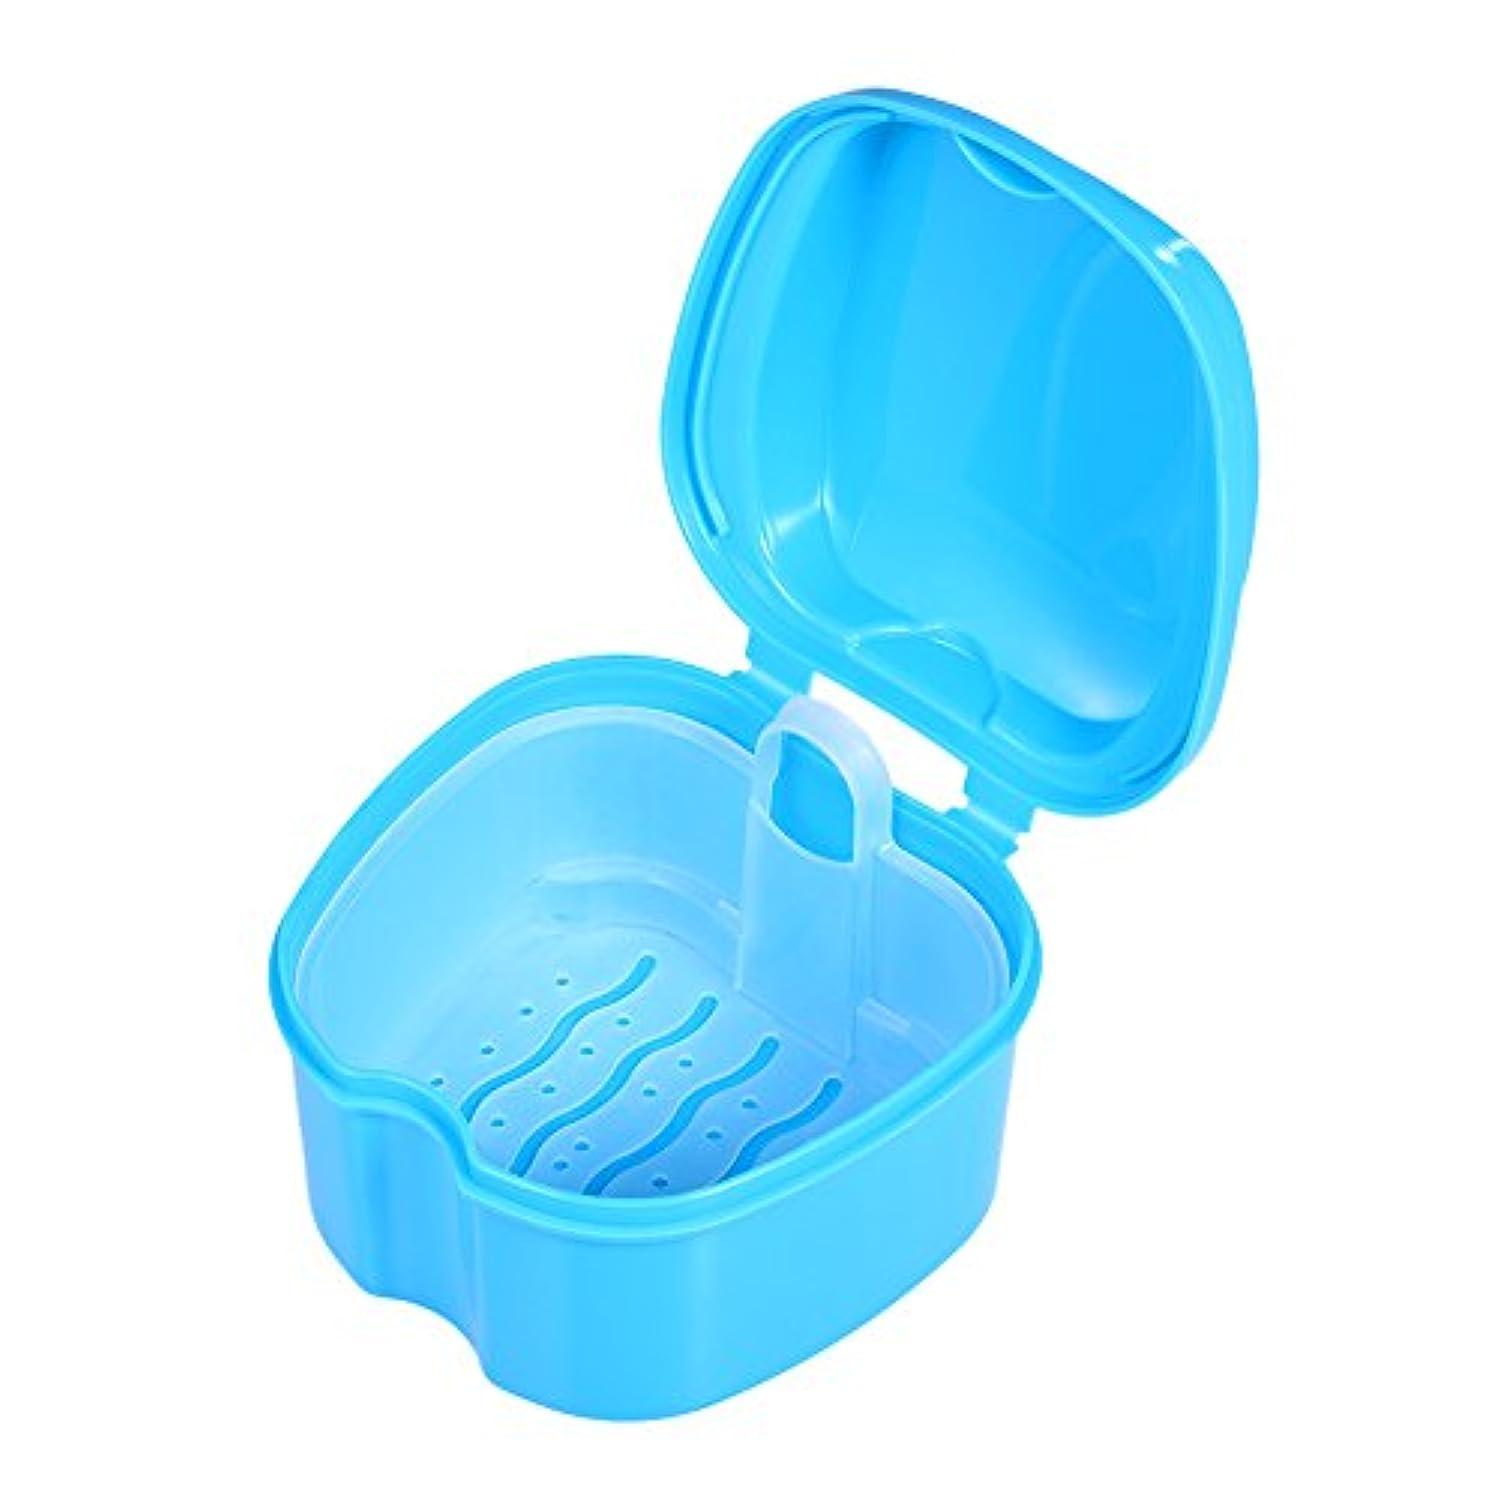 乱用保育園療法Decdeal 歯のボックスケース 偽の歯のストレージボックス 歯のクリーニングコンテナ リンスバスケット リテーナーアプライアンスホルダートレイ